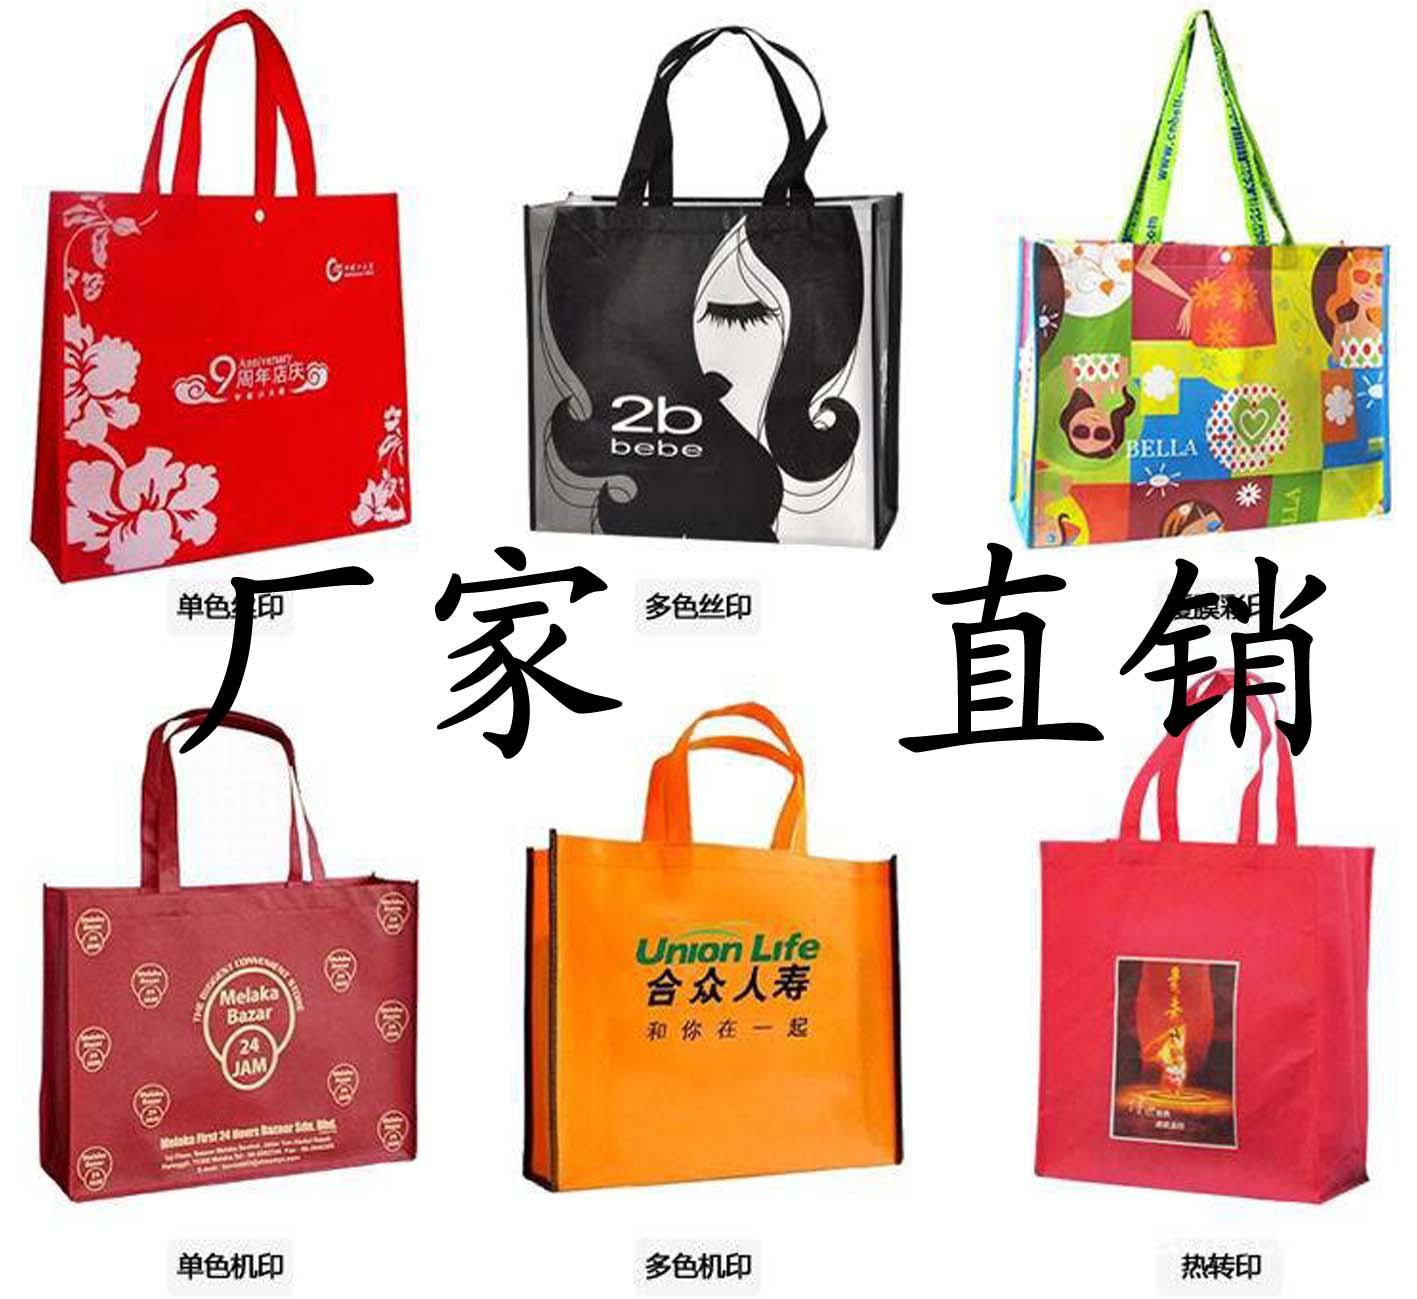 淄博桓台县做广告促销礼品广告礼品厂家直销批发